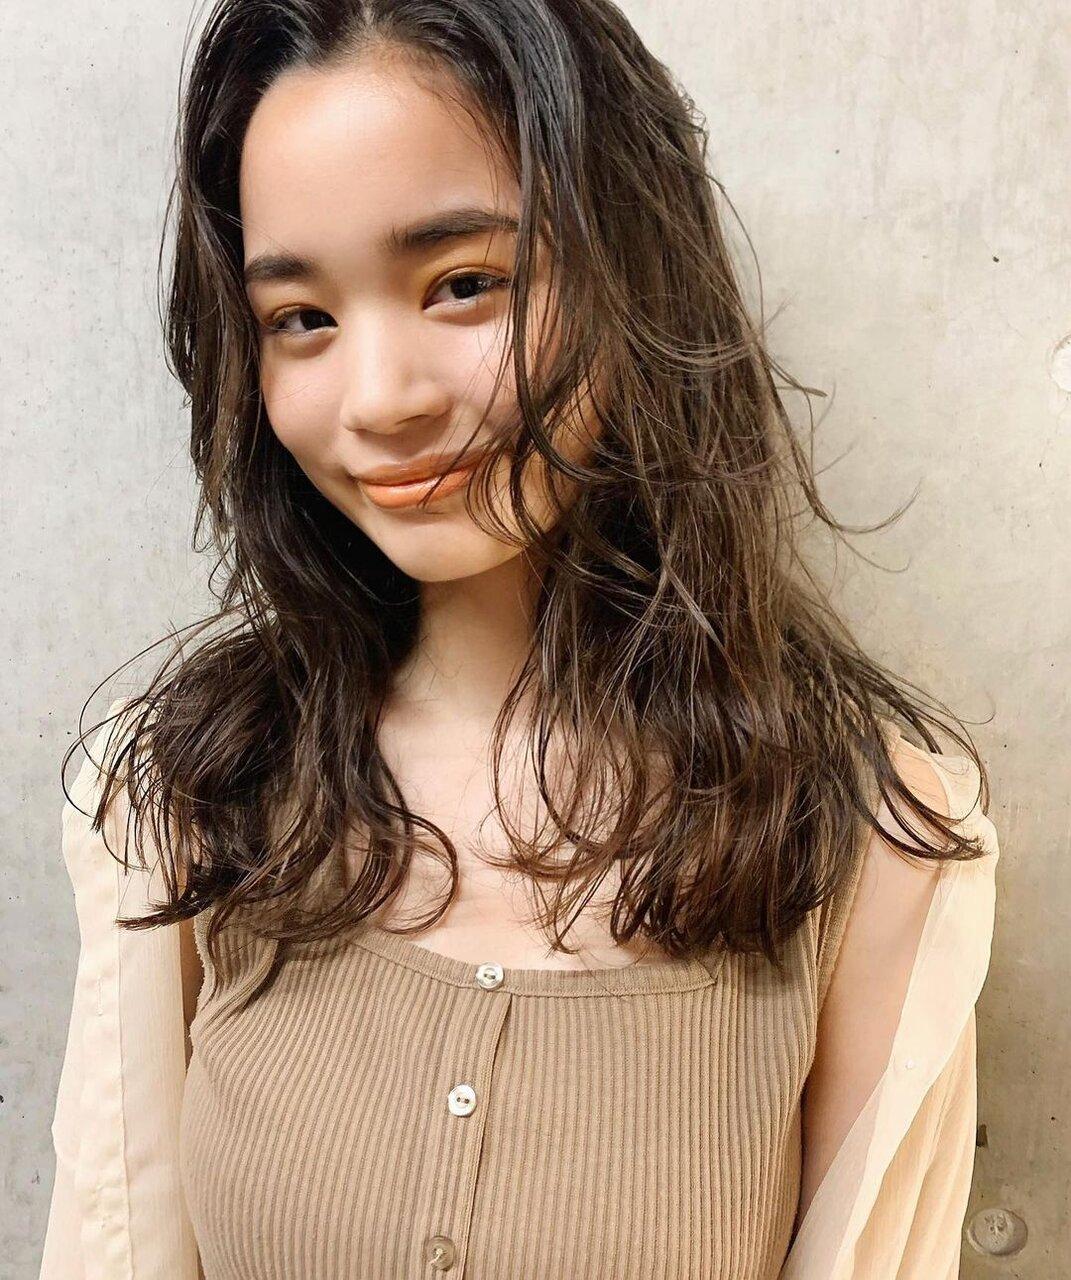 前髪をもっとキュートに♡韓国風S字前髪の巻き方